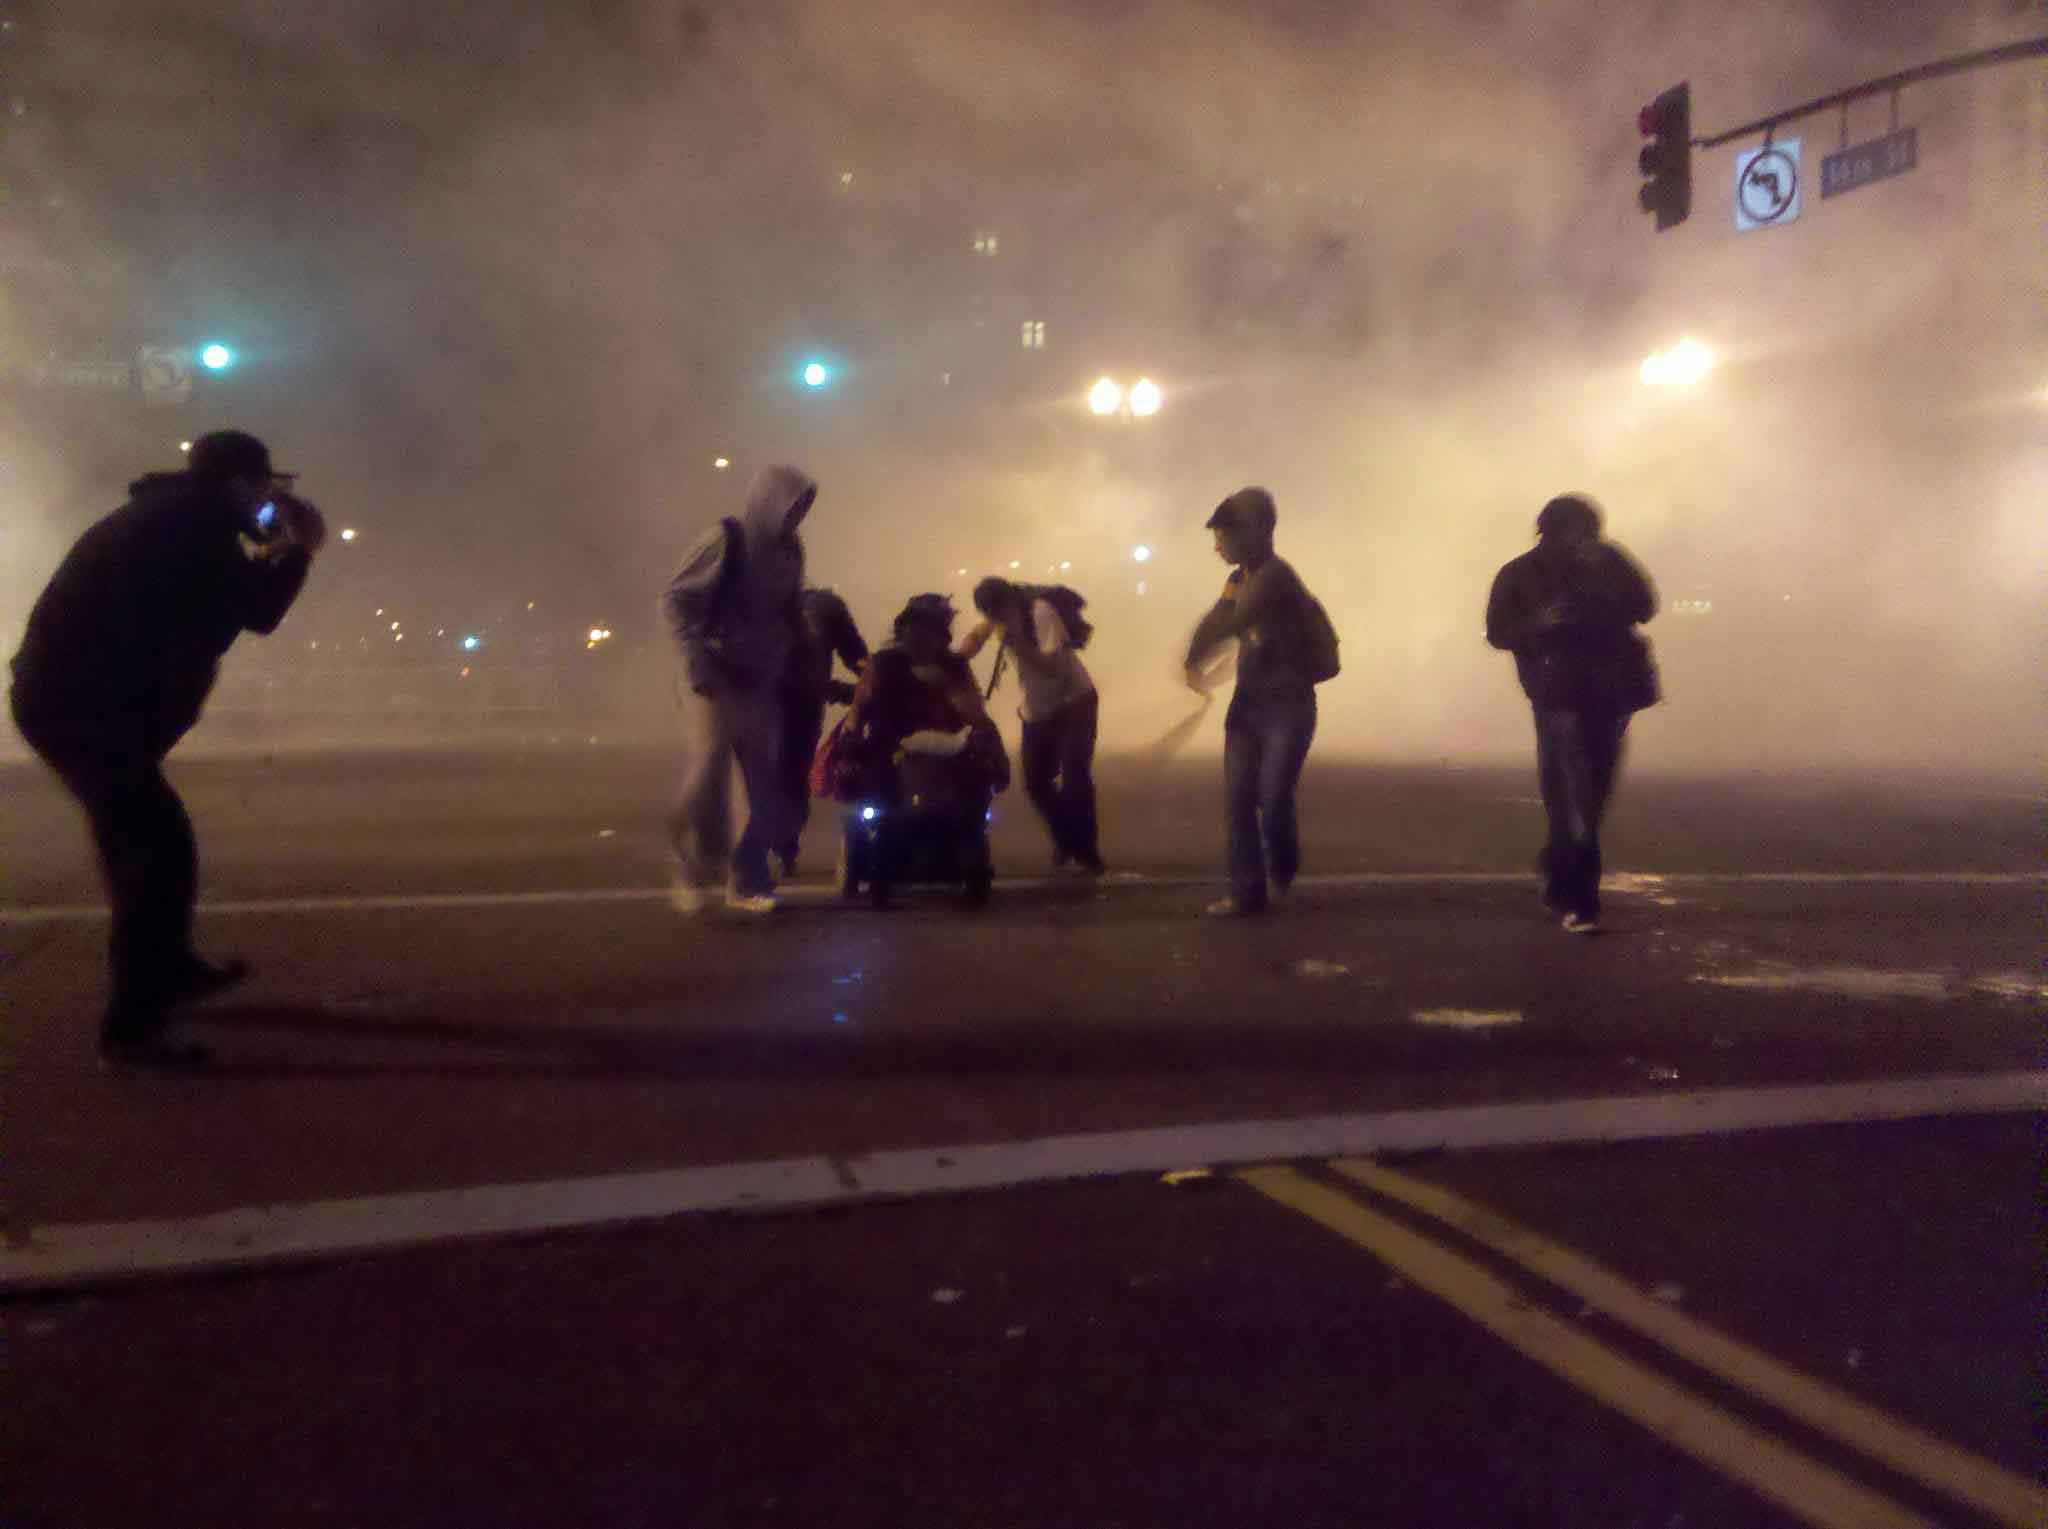 Manifestantes-ayudan-a-una-mujer-en-una-silla-de-ruedas-a-escapar-del-gas-lacrimógeno.-Oakland,-EEUU,-2011.